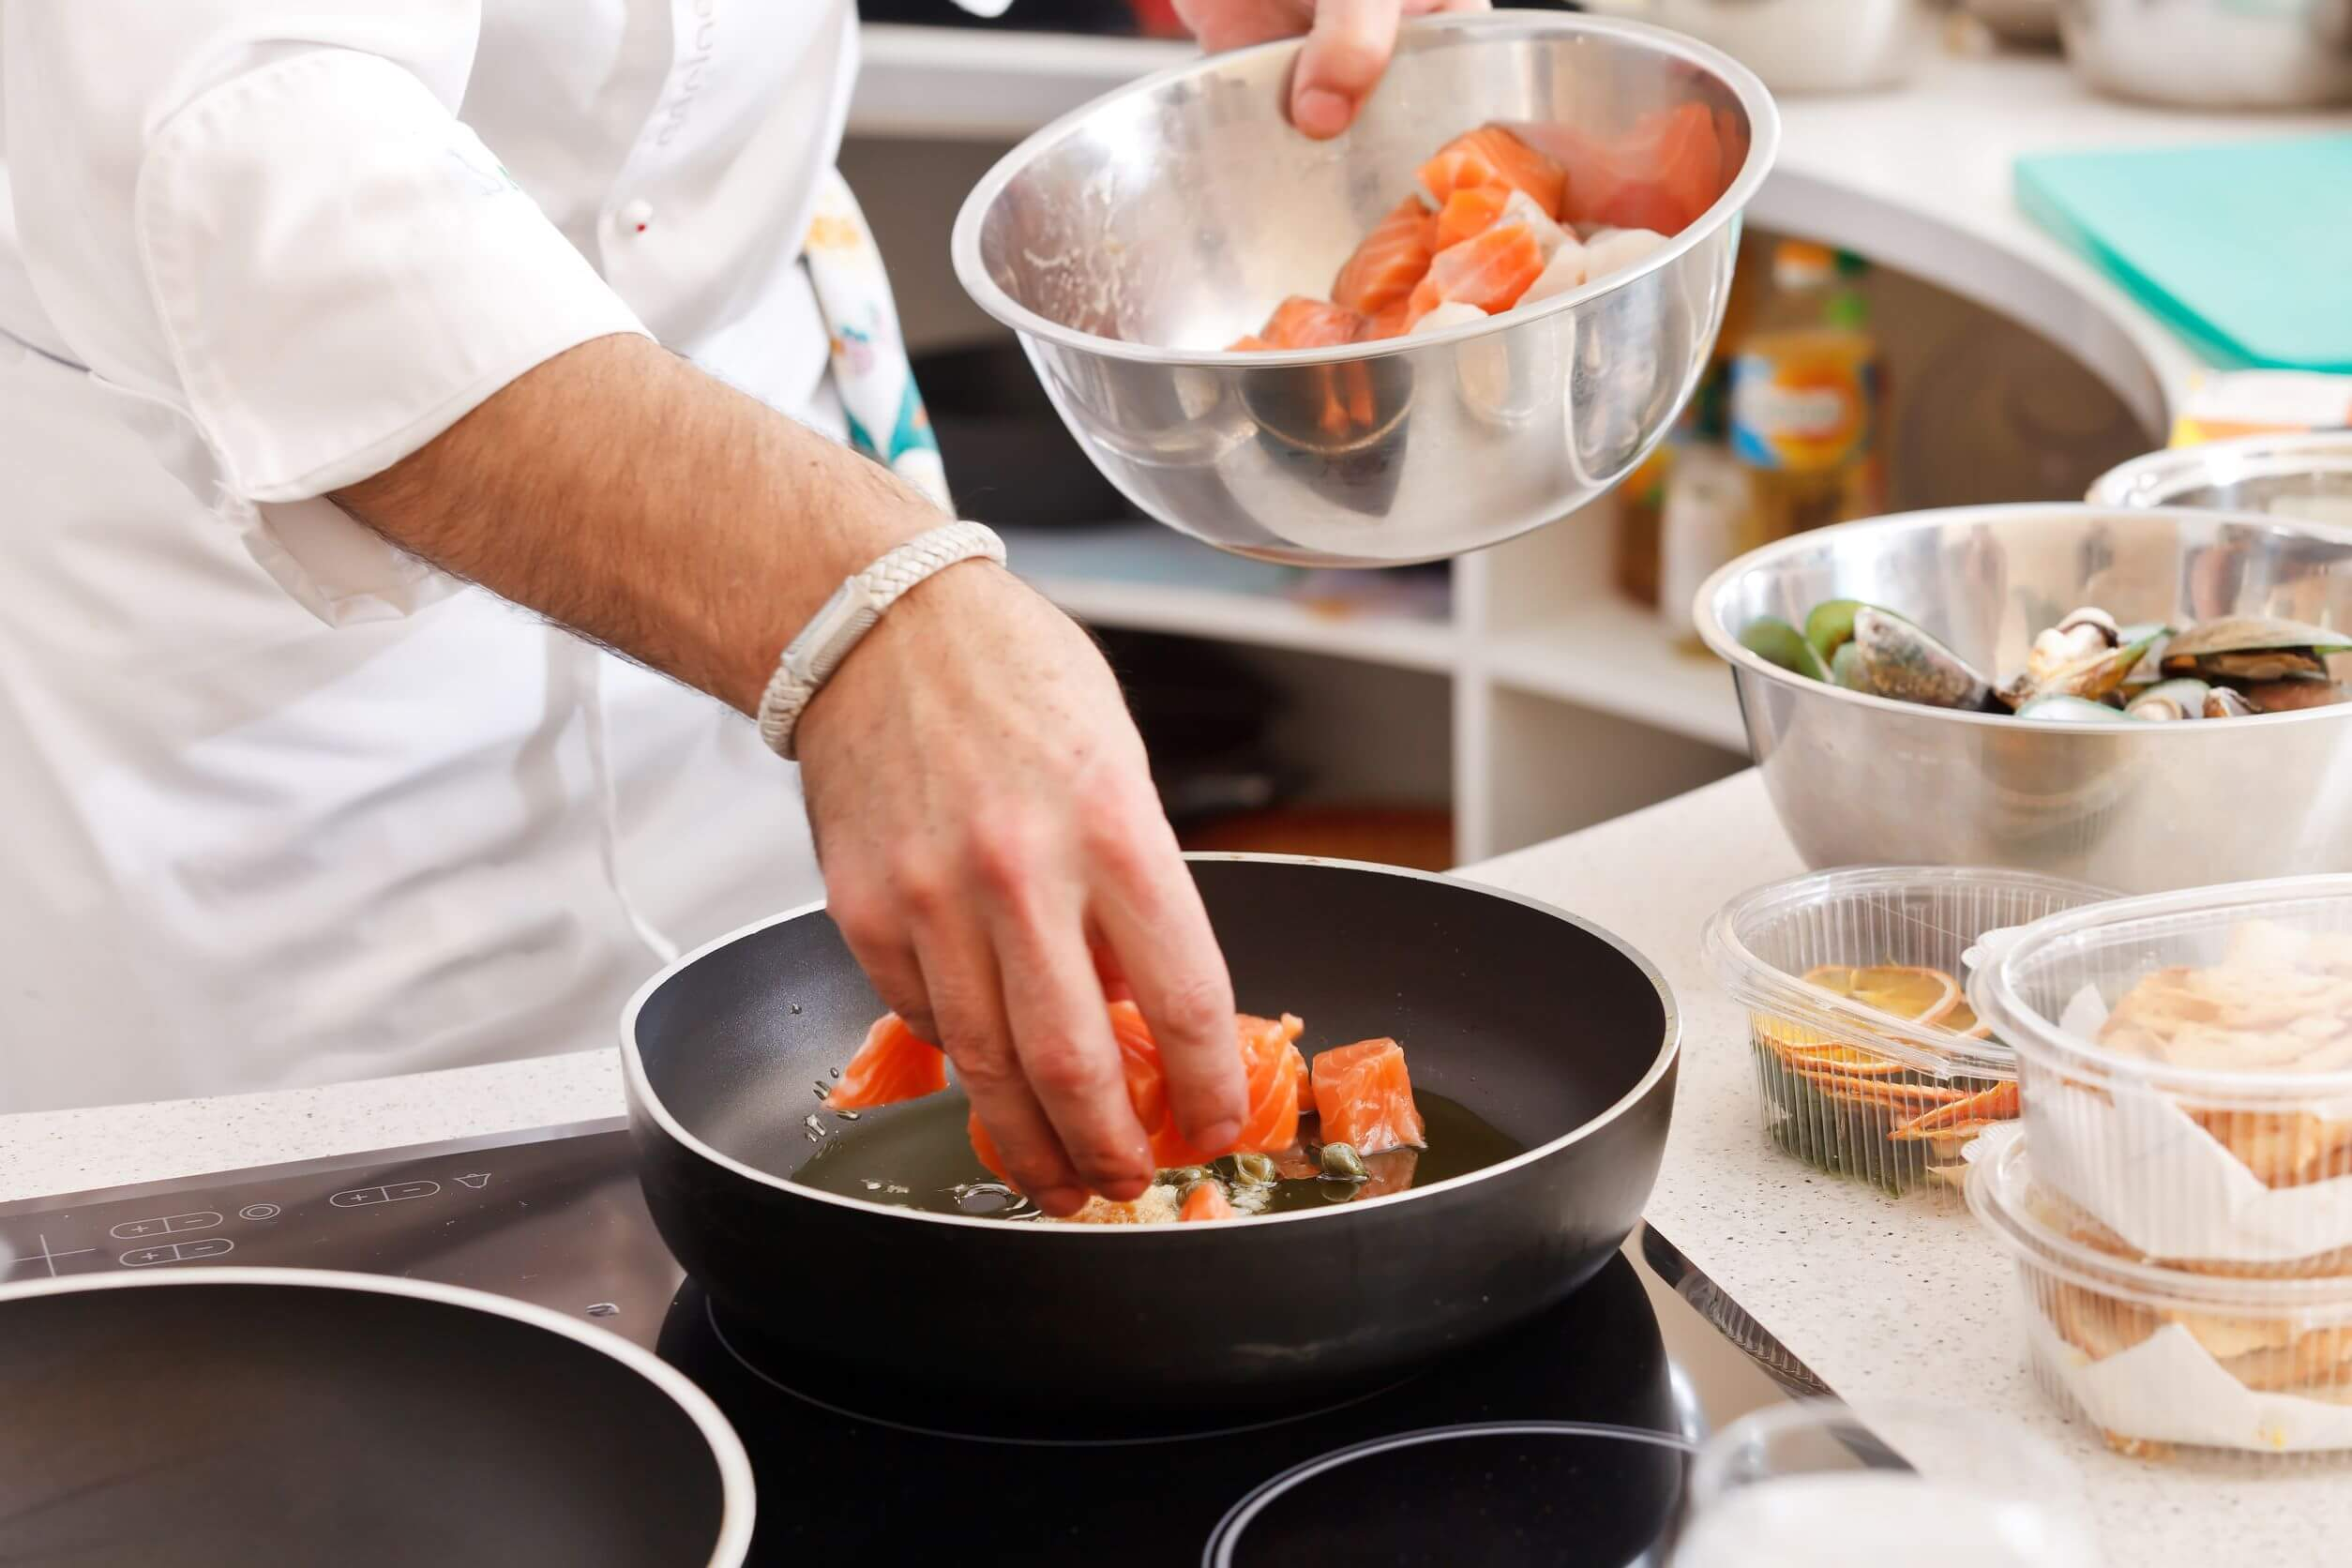 Cuisiner le poisson le marche aux poissons fecamp for Poisson a cuisiner